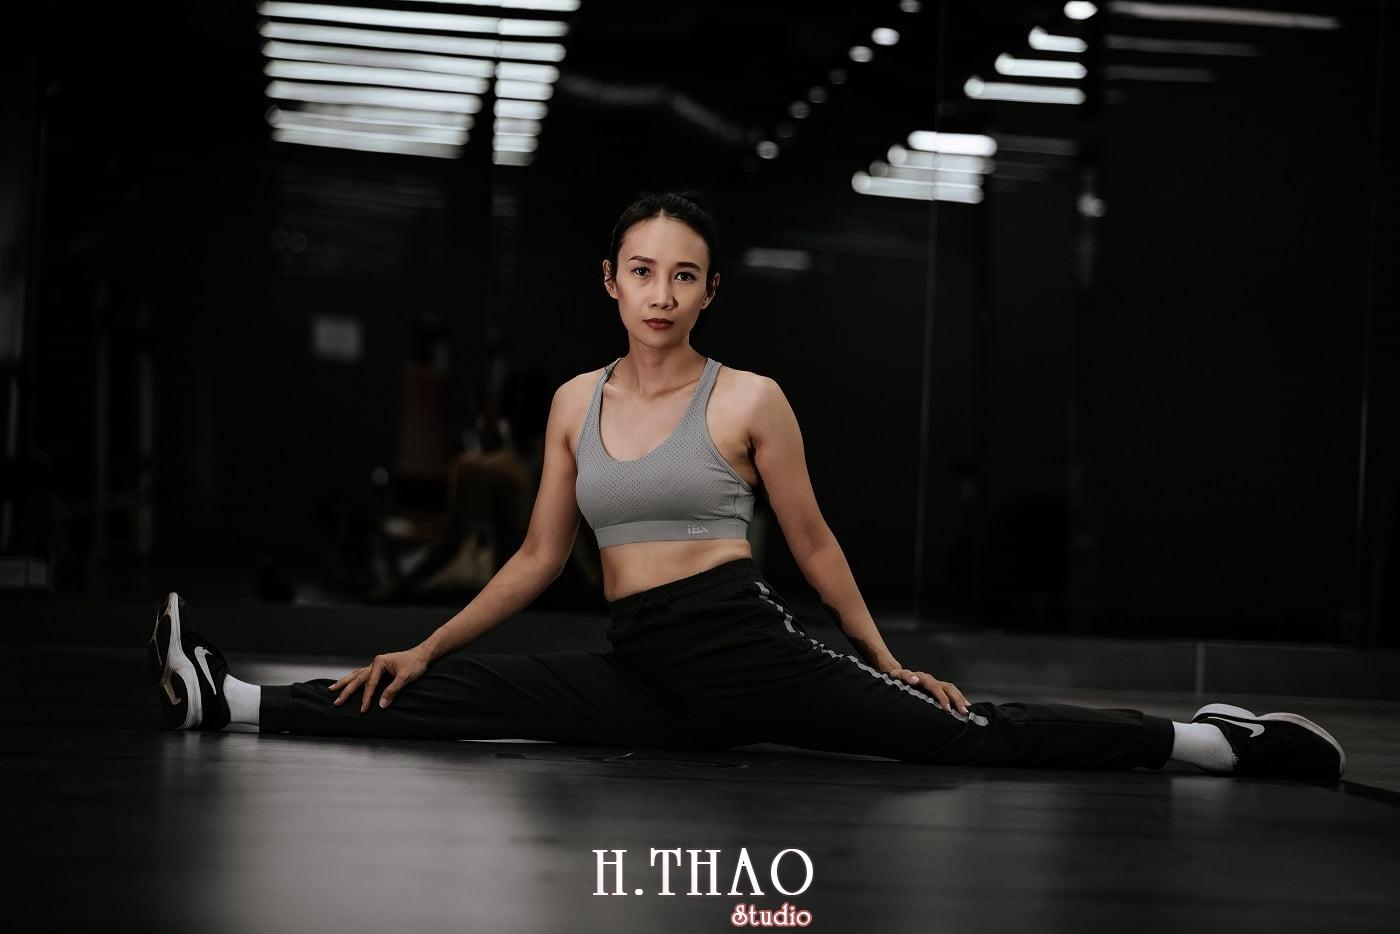 Anh chi Ngoc 38 min - Góc ảnh cô gái mạnh mẽ yêu thích Boxing – HThao Studio